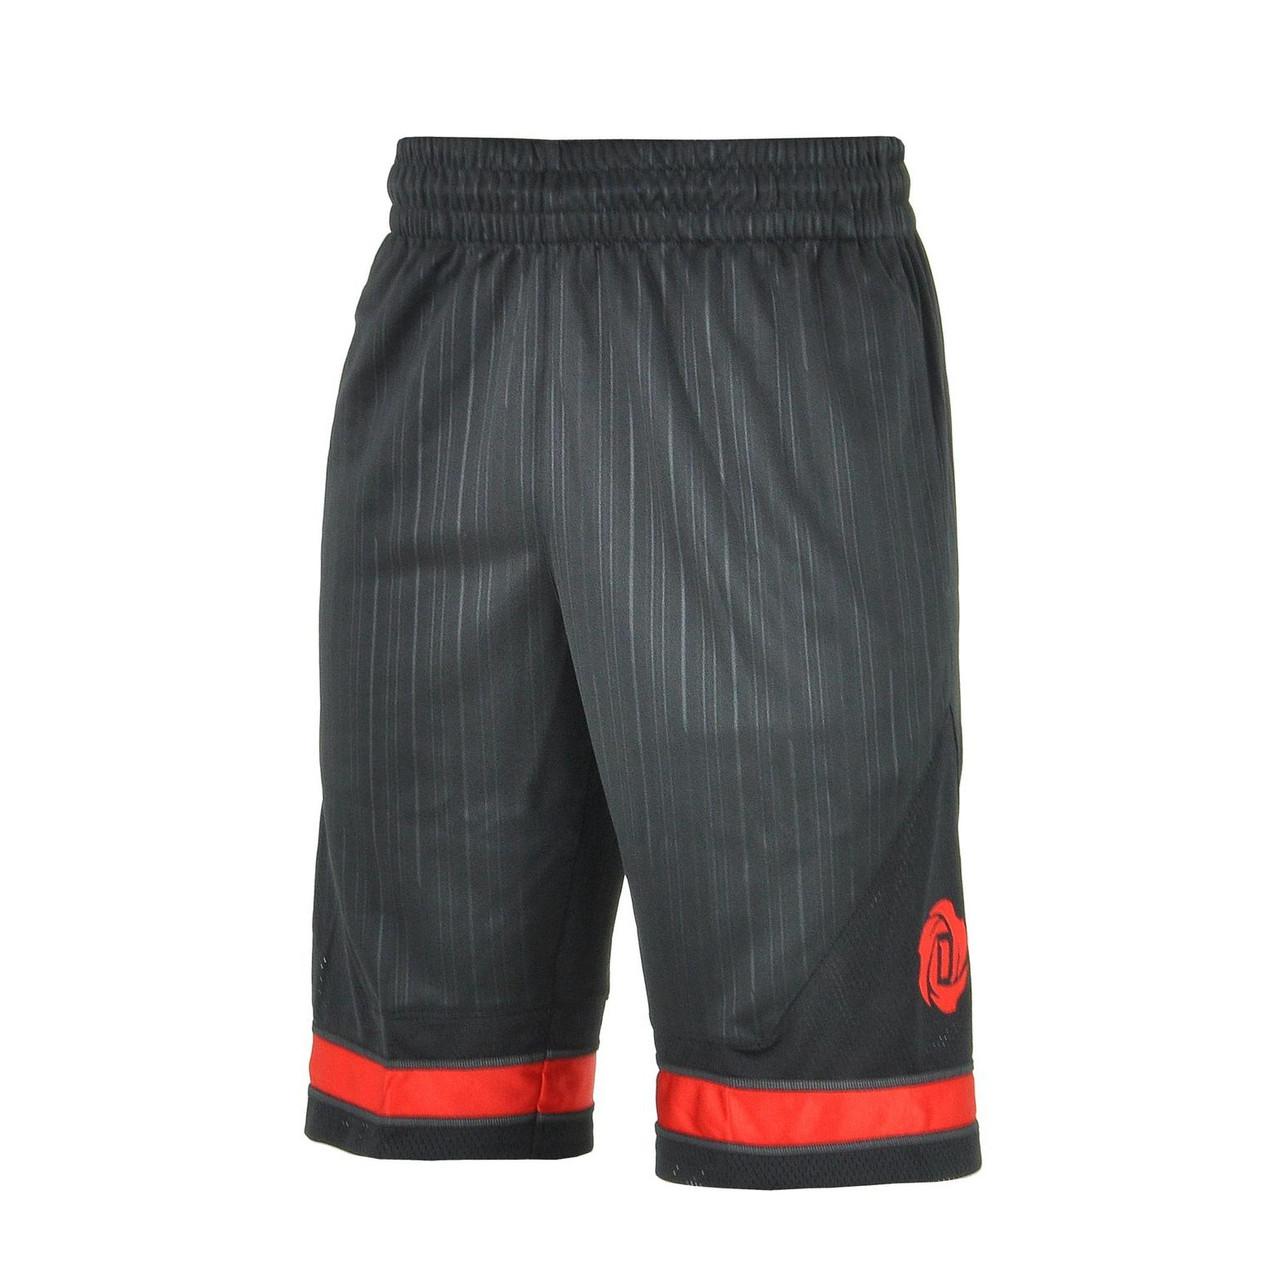 Шорты баскетбольные мужские adidas Rose Squad AH4038 (черные с красным, тренировочные, с логотипом адидас)